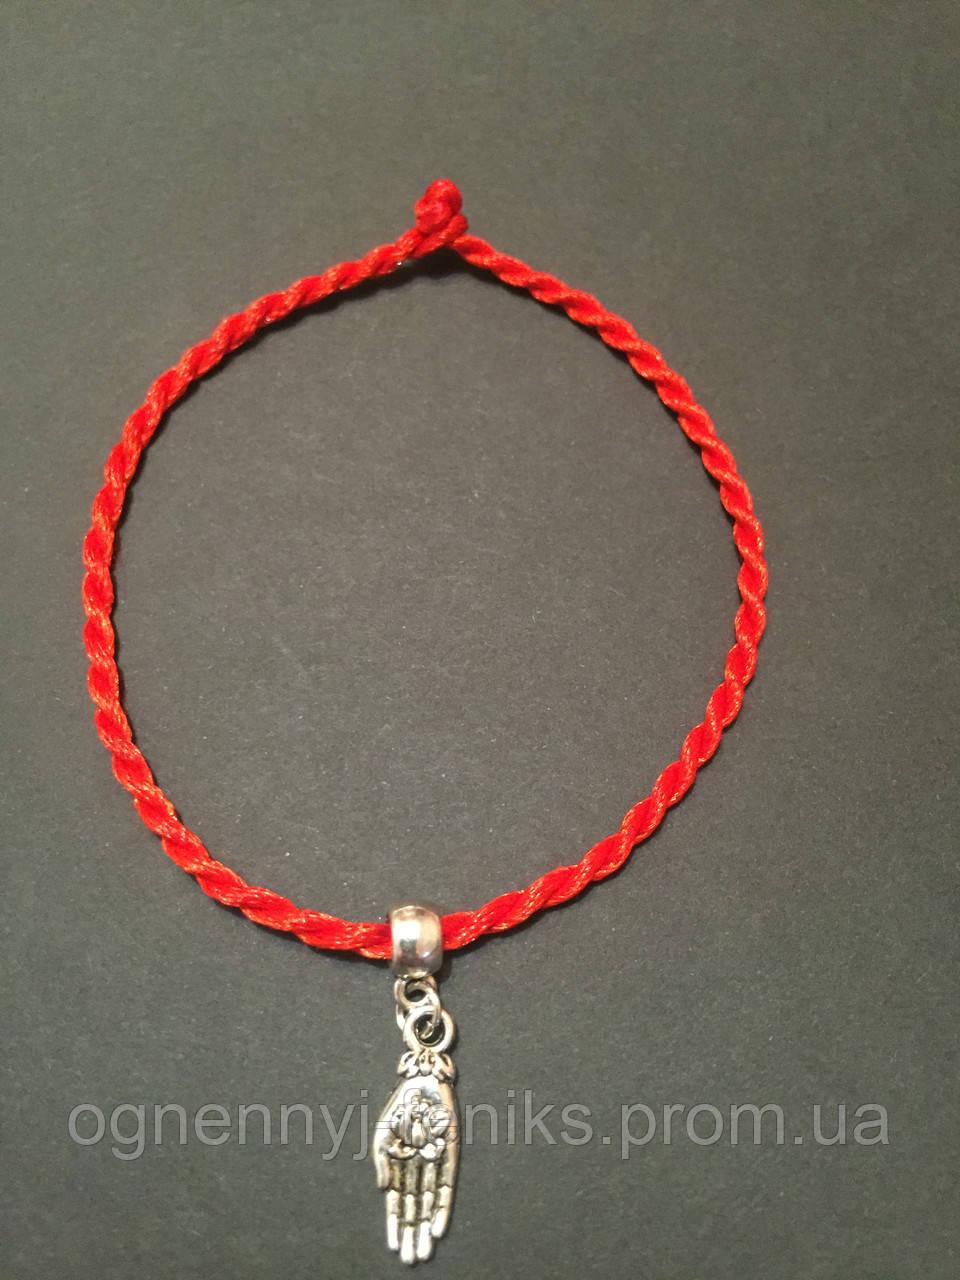 edea764a Браслет красная нить с талисманом Счастливая ладонь: продажа, цена в ...